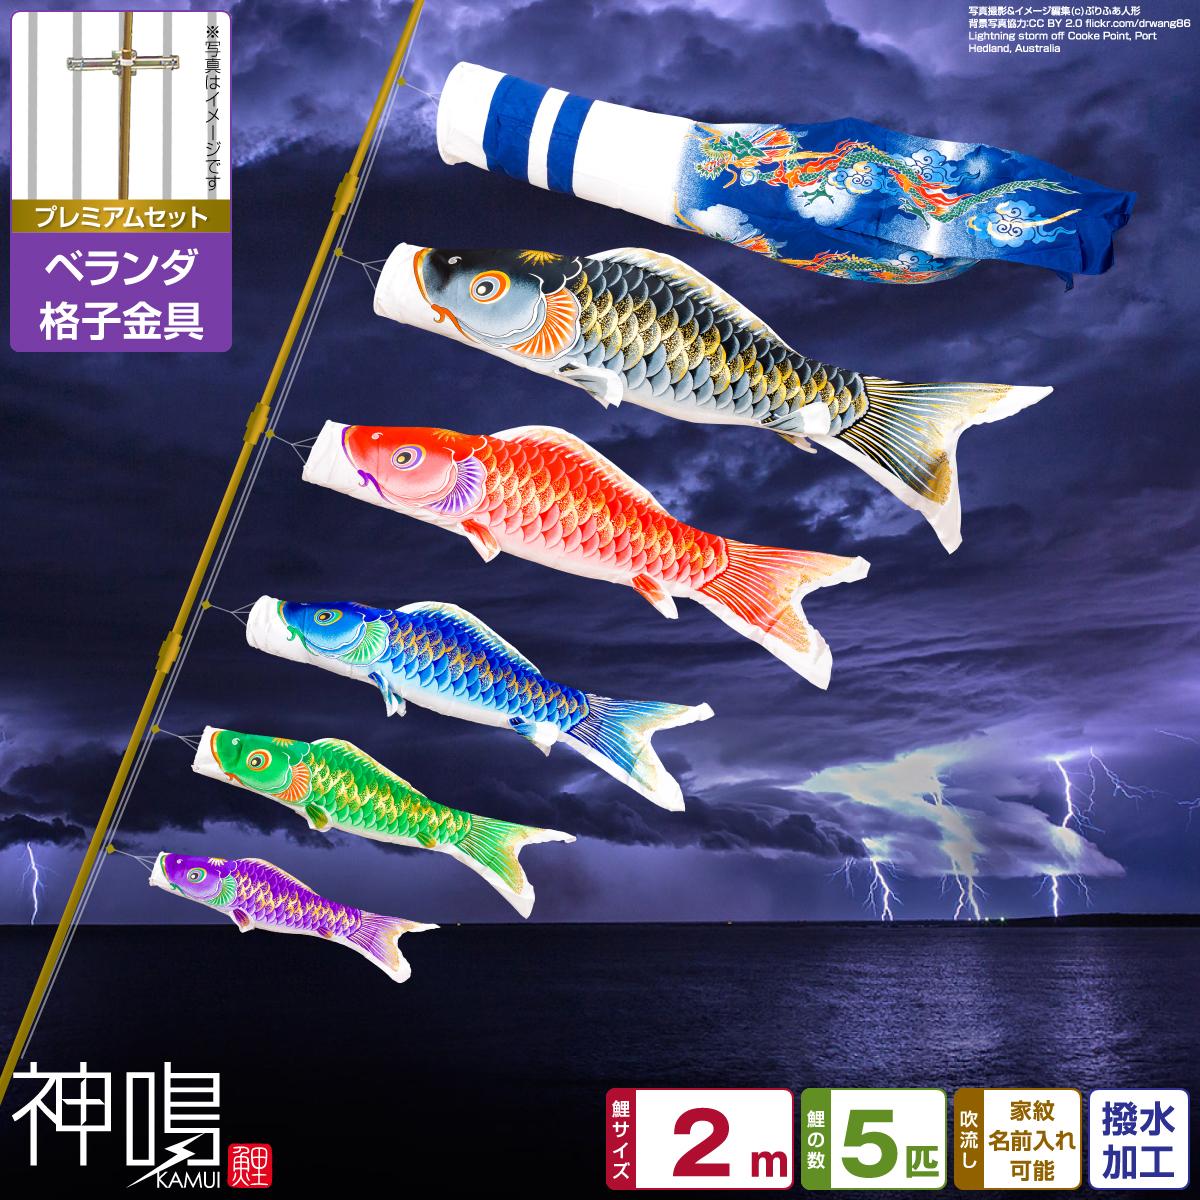 ベランダ用 鯉のぼり 神鳴鯉-KAMUI- 2m 8点(吹流し+鯉5匹+矢車+ロープ)/プレミアムセット(格子金具)